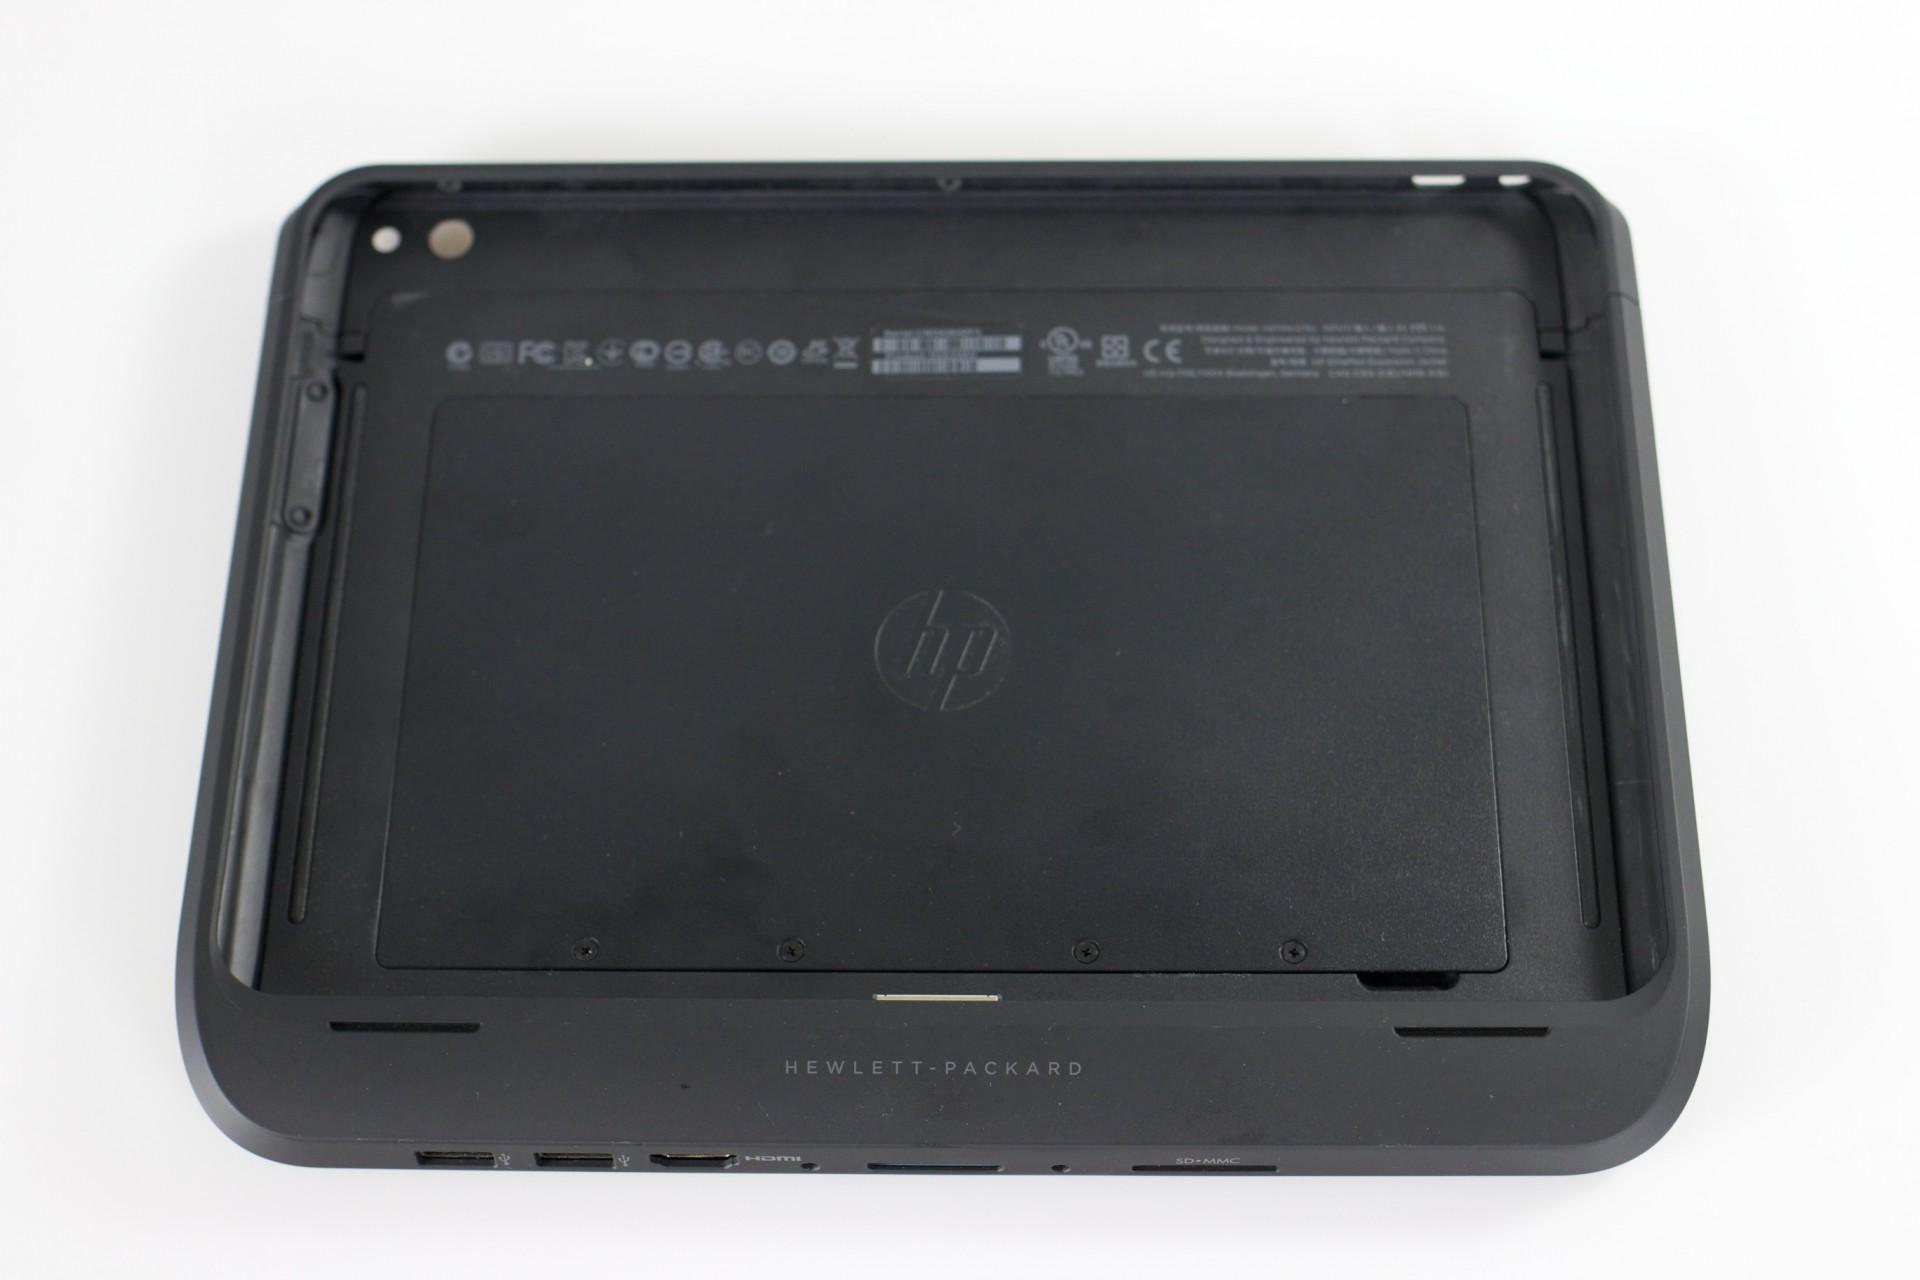 HP Elitepad 1000 G2 im Test: Praktisches Arbeitsgerät dank Zubehör -